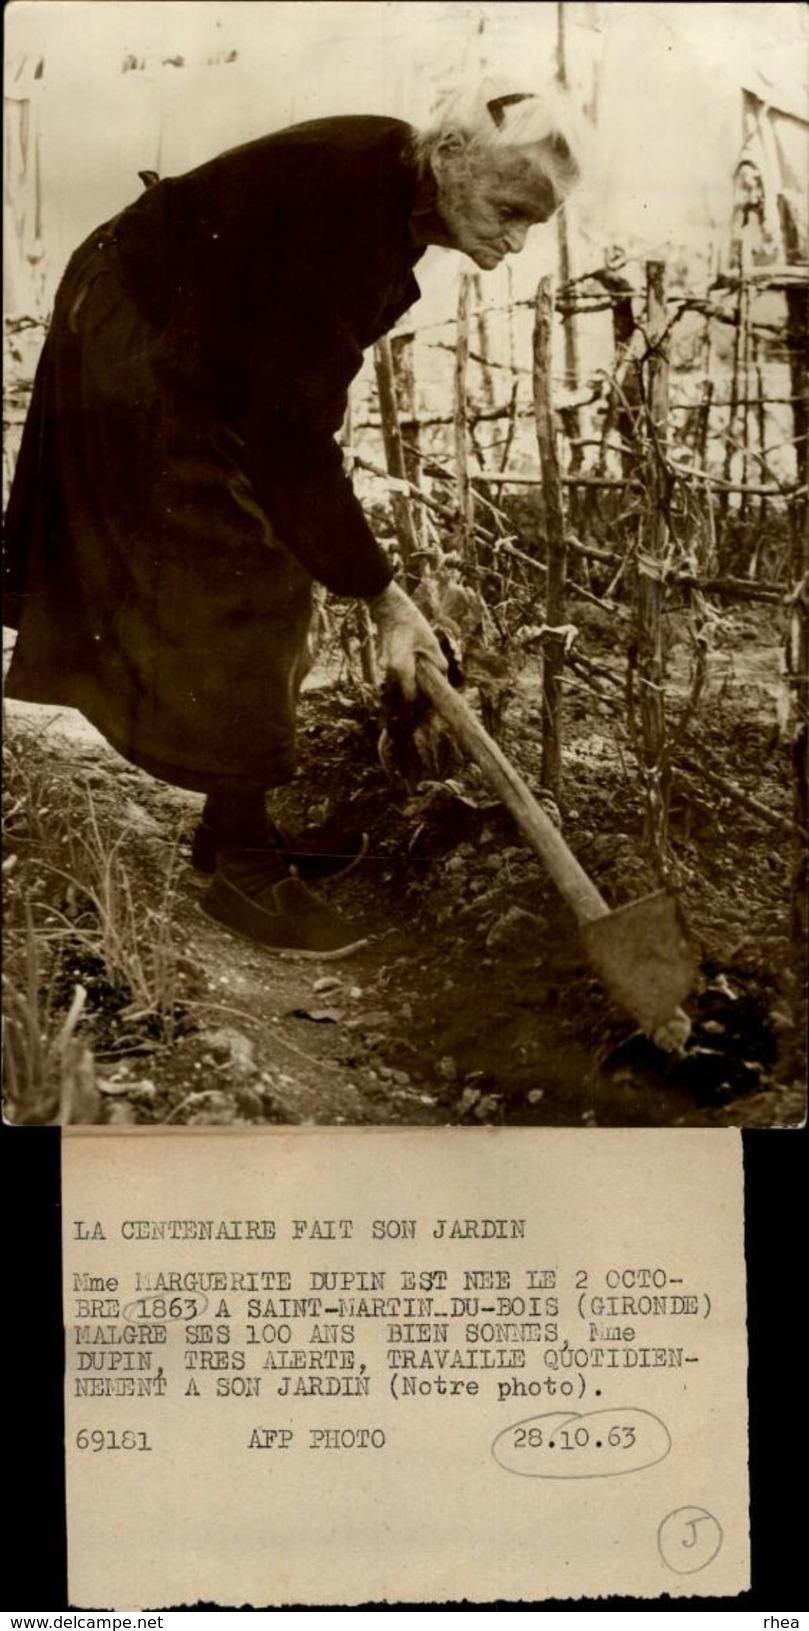 33 - SAINT-MARTIN-DU-BOIS - Photo De Presse - La Cetenaire Fait Son Jardin - Marguerite Dupin - 1963 - Lieux